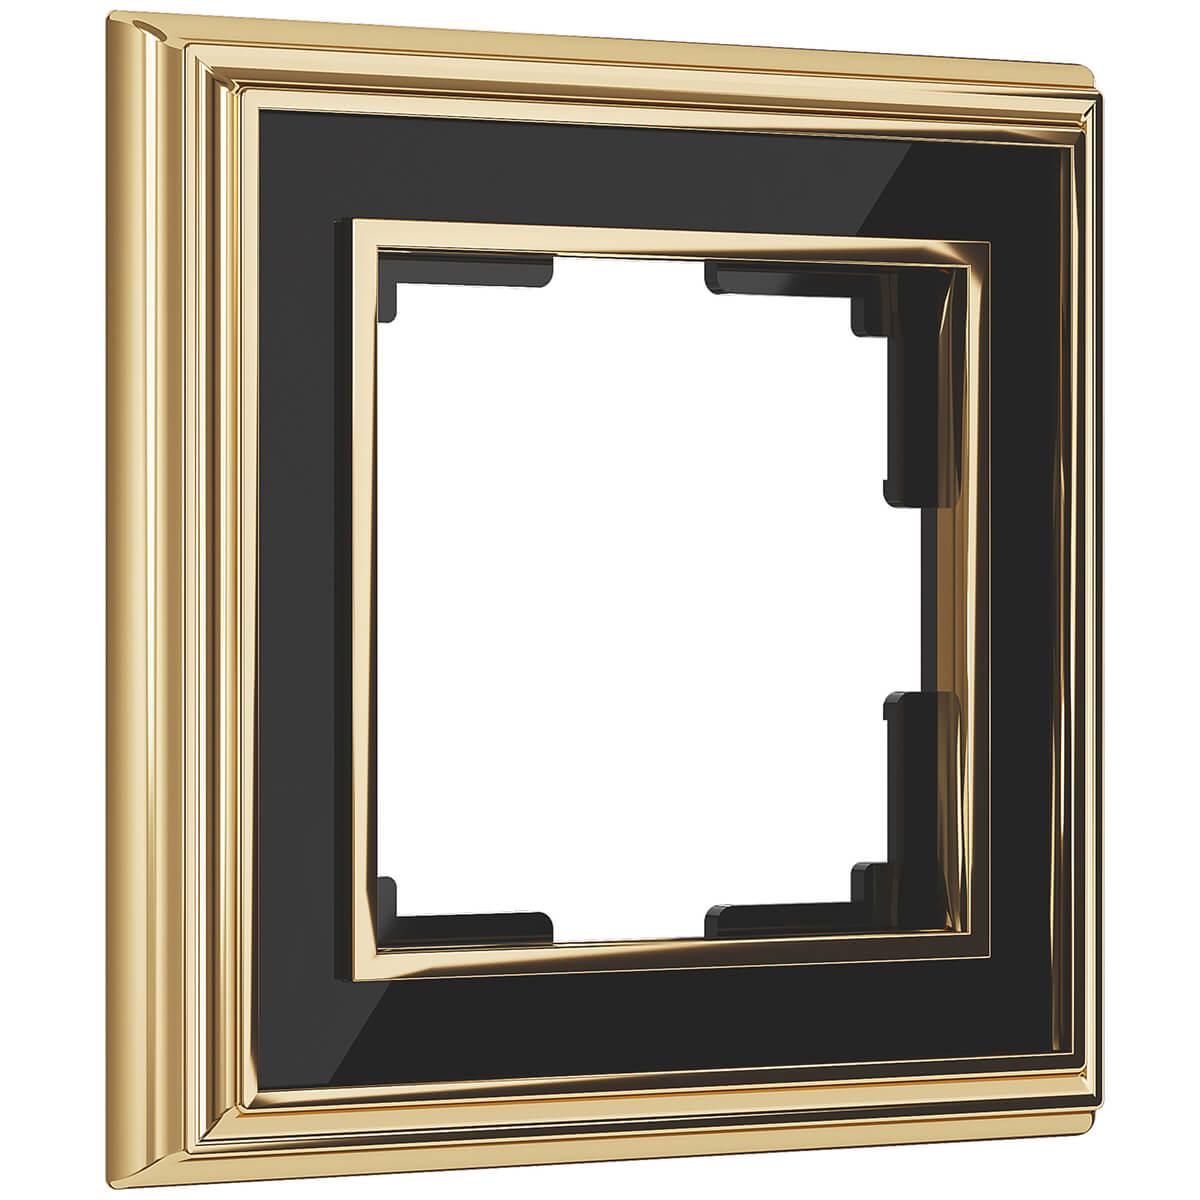 Рамка Palacio на 1 пост золото/черный WL17-Frame-01 4690389103582 рамка palacio на 1 пост золото белый wl17 frame 01 4690389103575